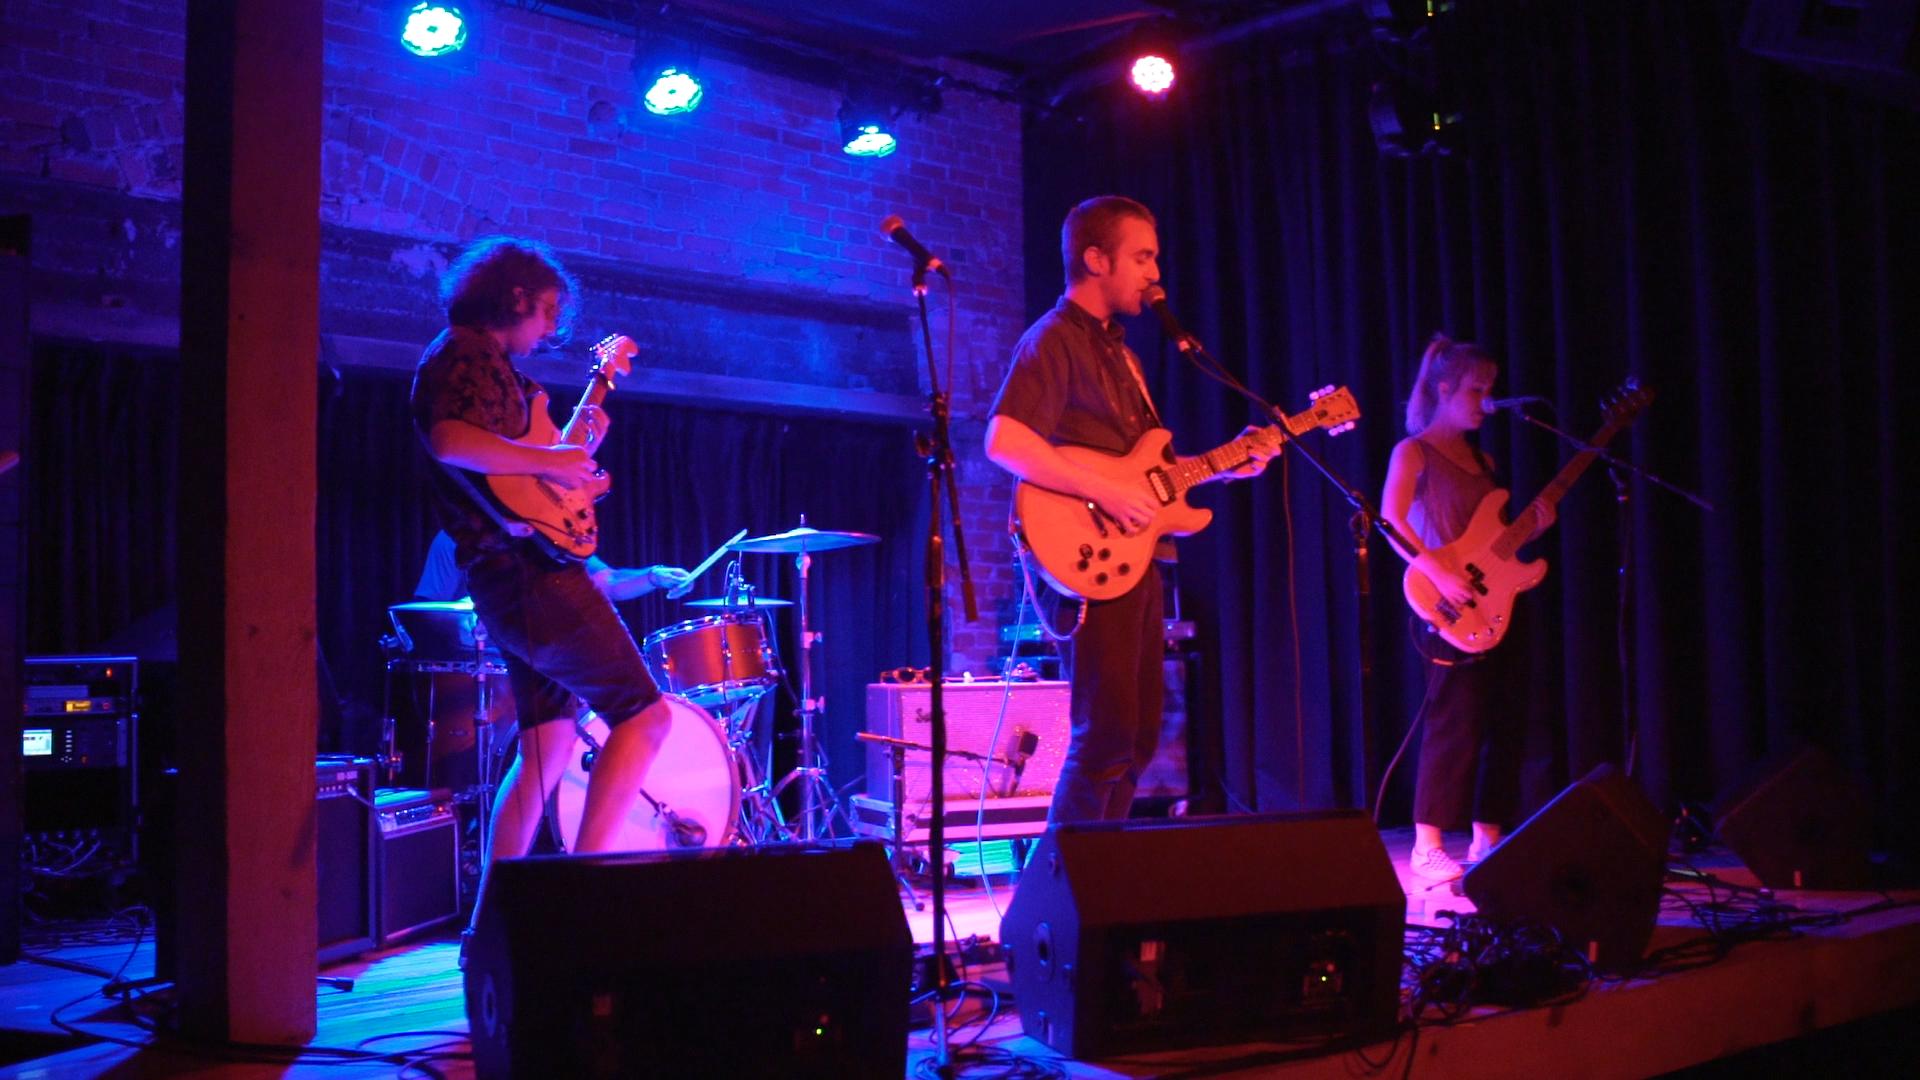 the-bartlett-spokane-music-scene